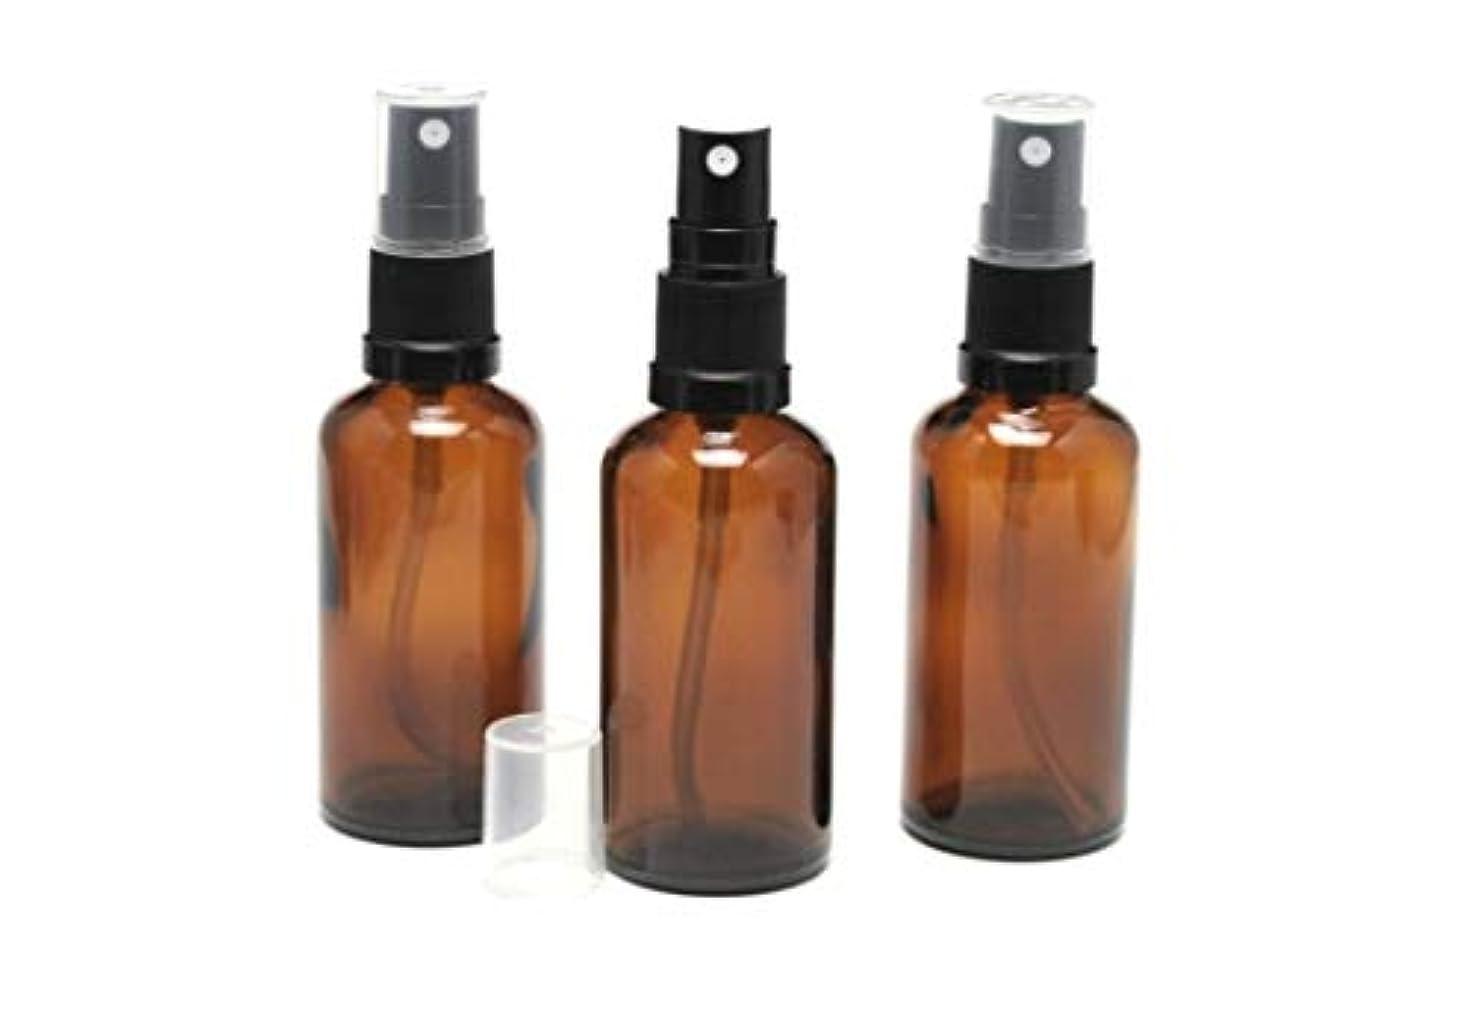 増幅収入変位遮光瓶 スプレーボトル (グラス/アトマイザー) 50ml アンバー/ブラックヘッド 3本セット 【 新品アウトレットセール 】